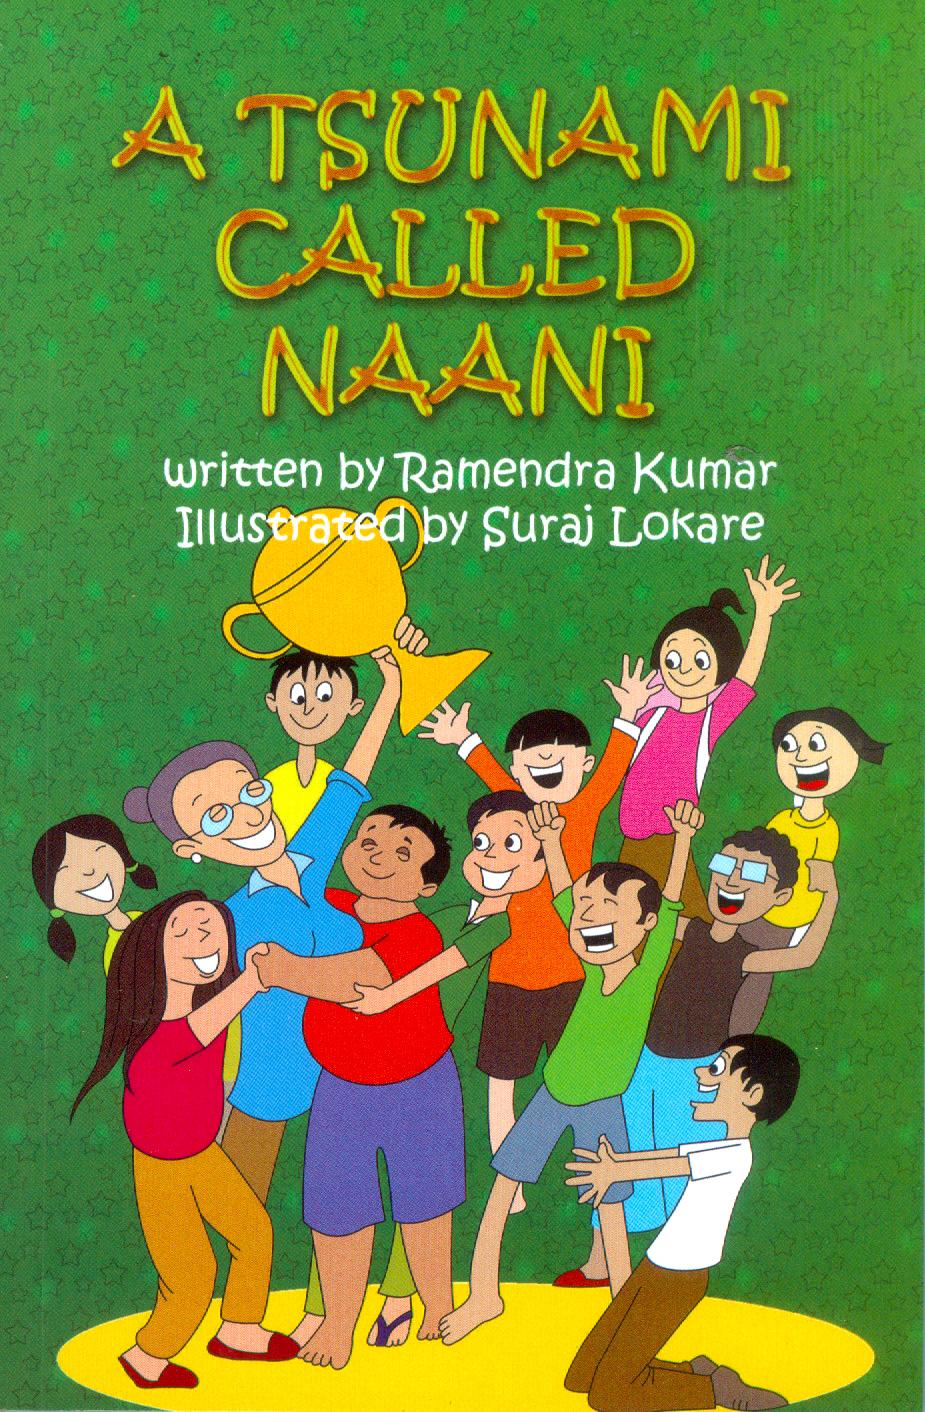 story for children